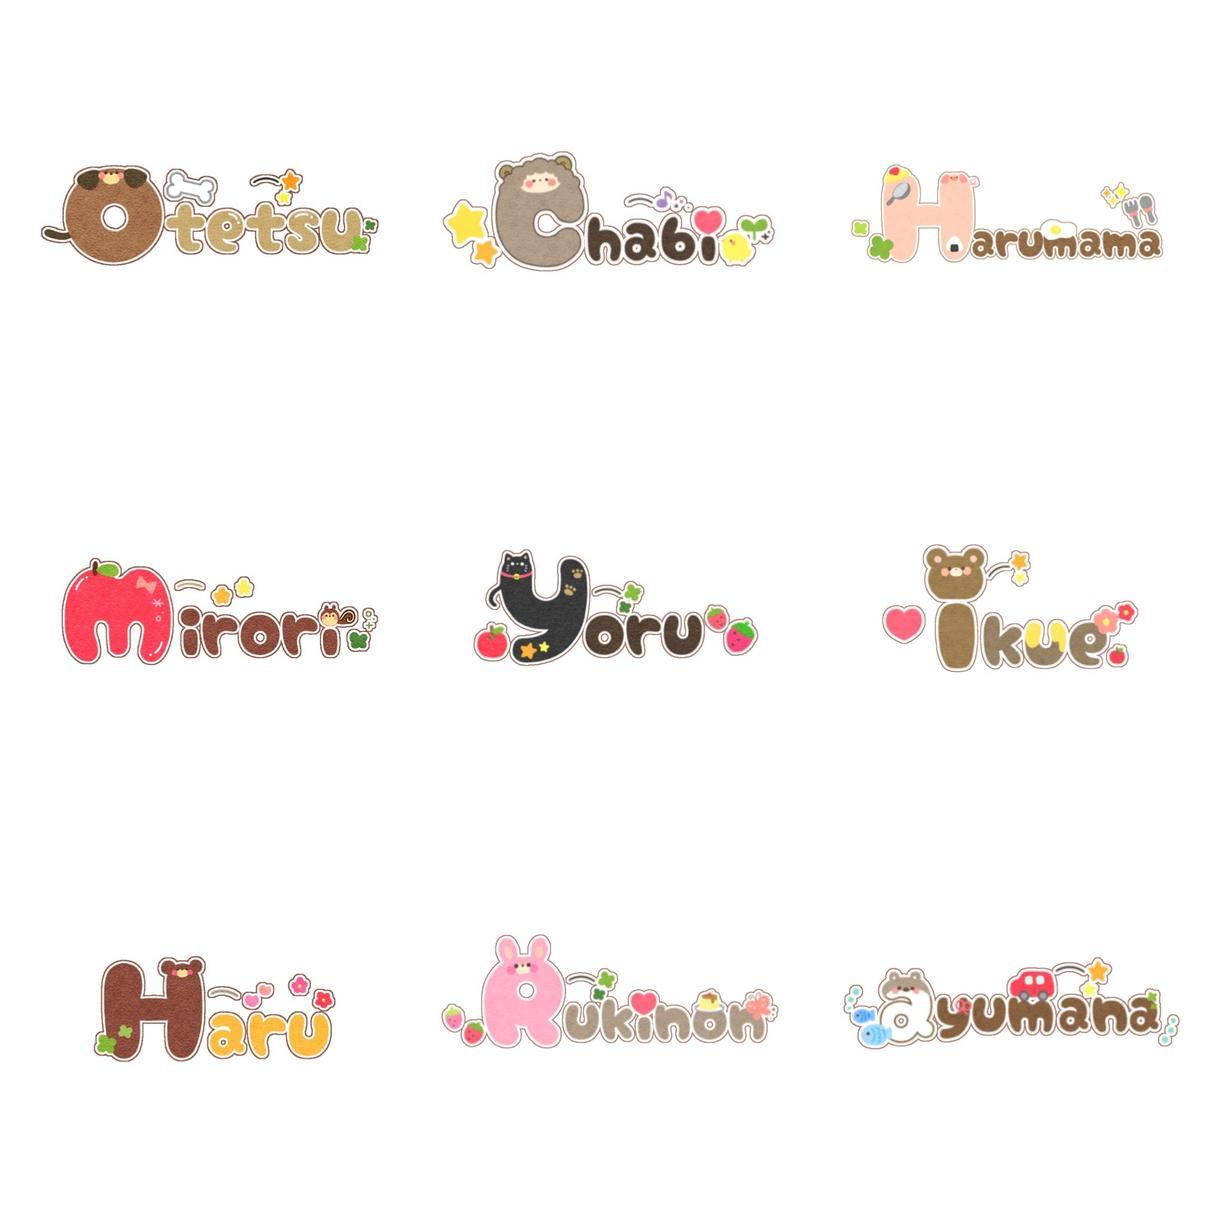 お名前の頭文字を可愛くしてヘッダーを作ります 【ヘッダーやロゴなどにおすすめ!◎】